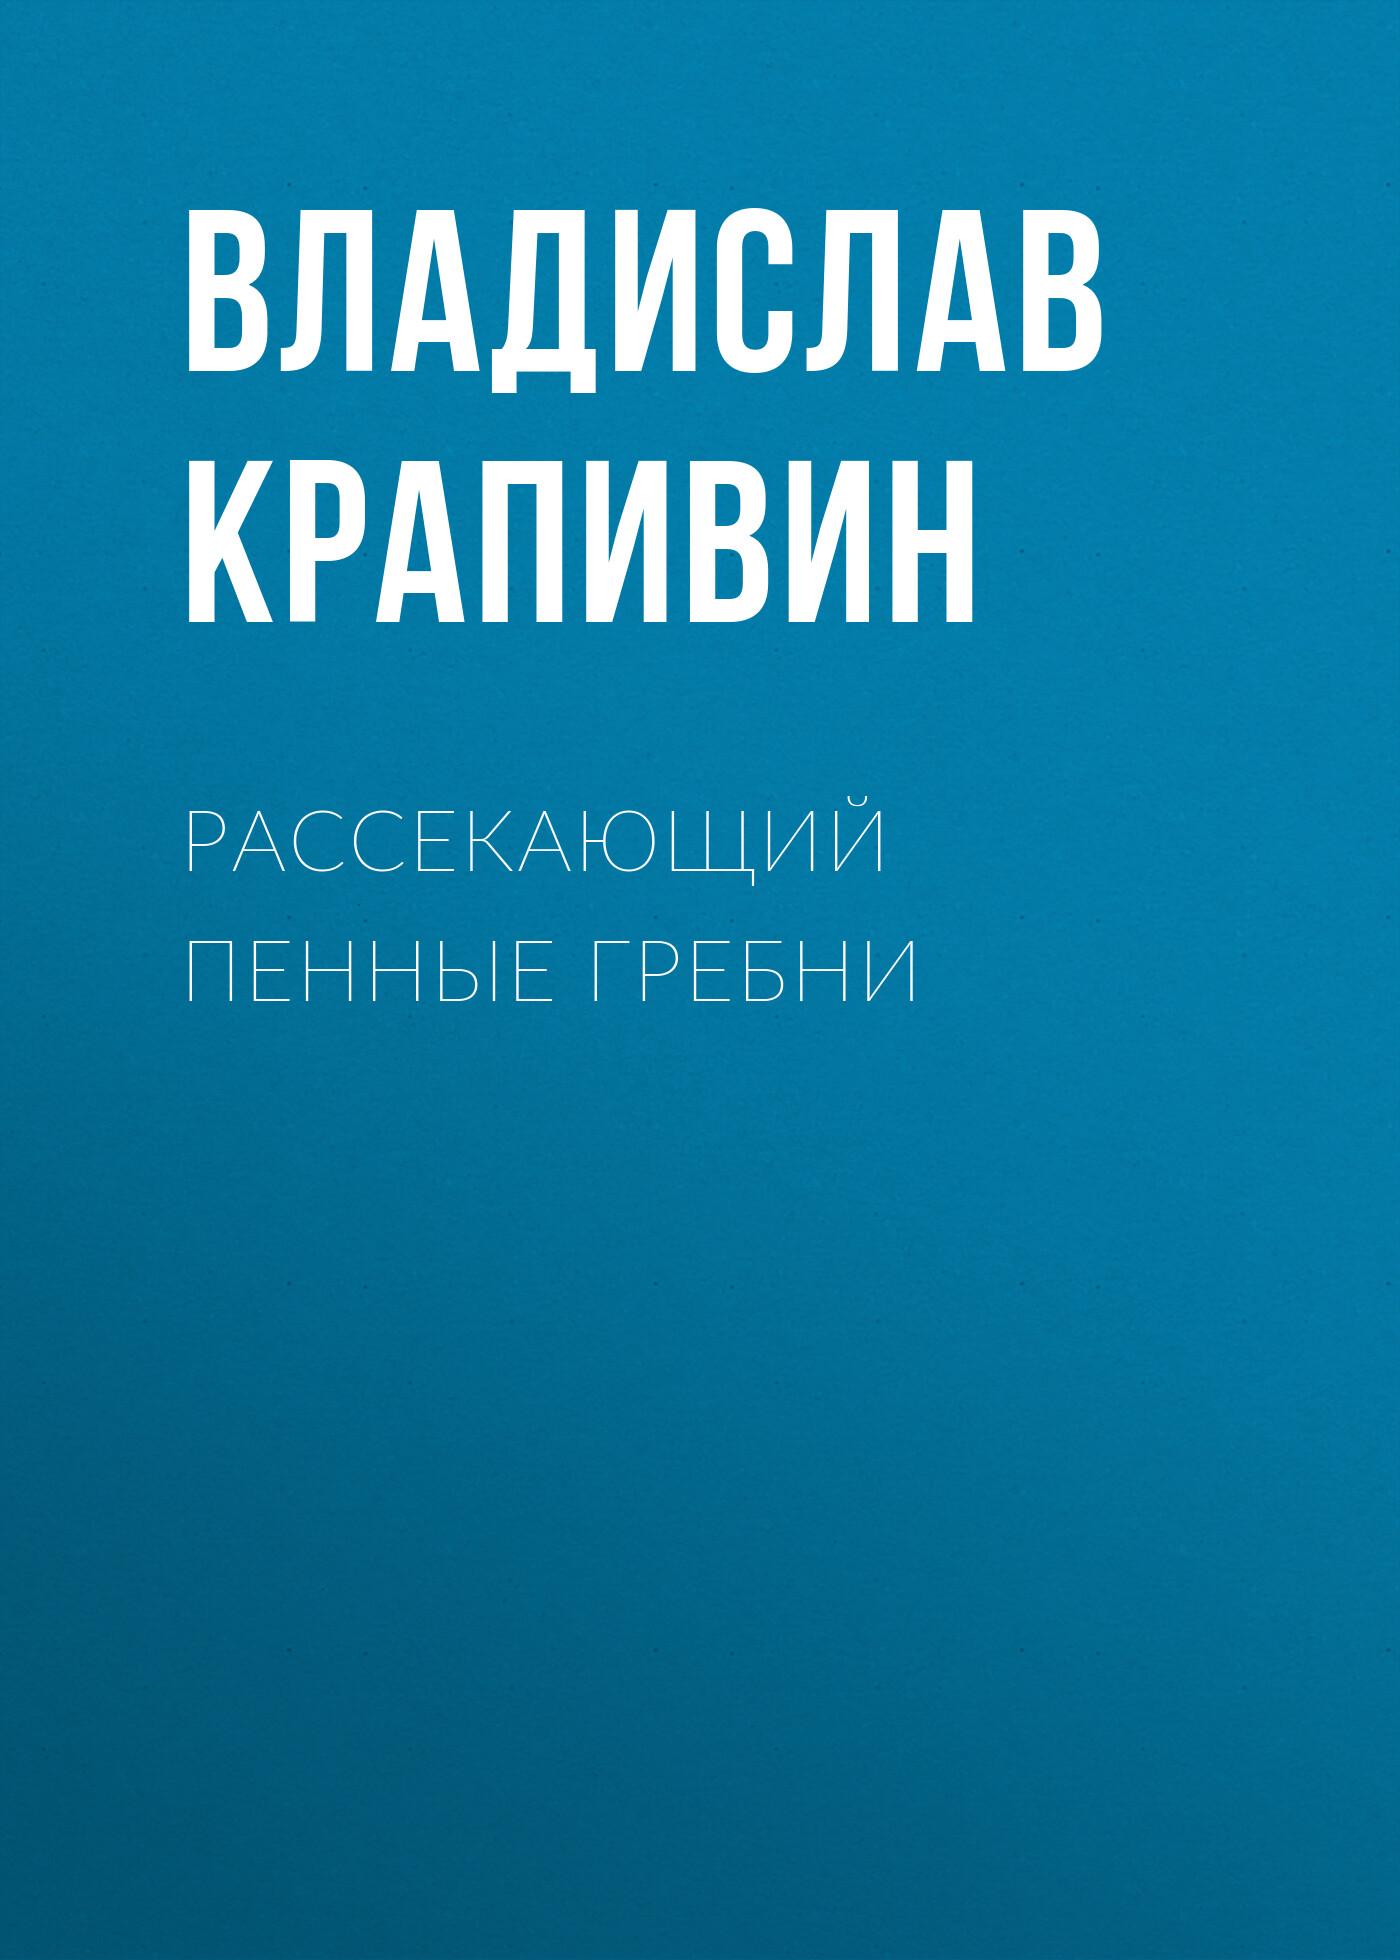 все цены на Владислав Крапивин Рассекающий пенные гребни онлайн